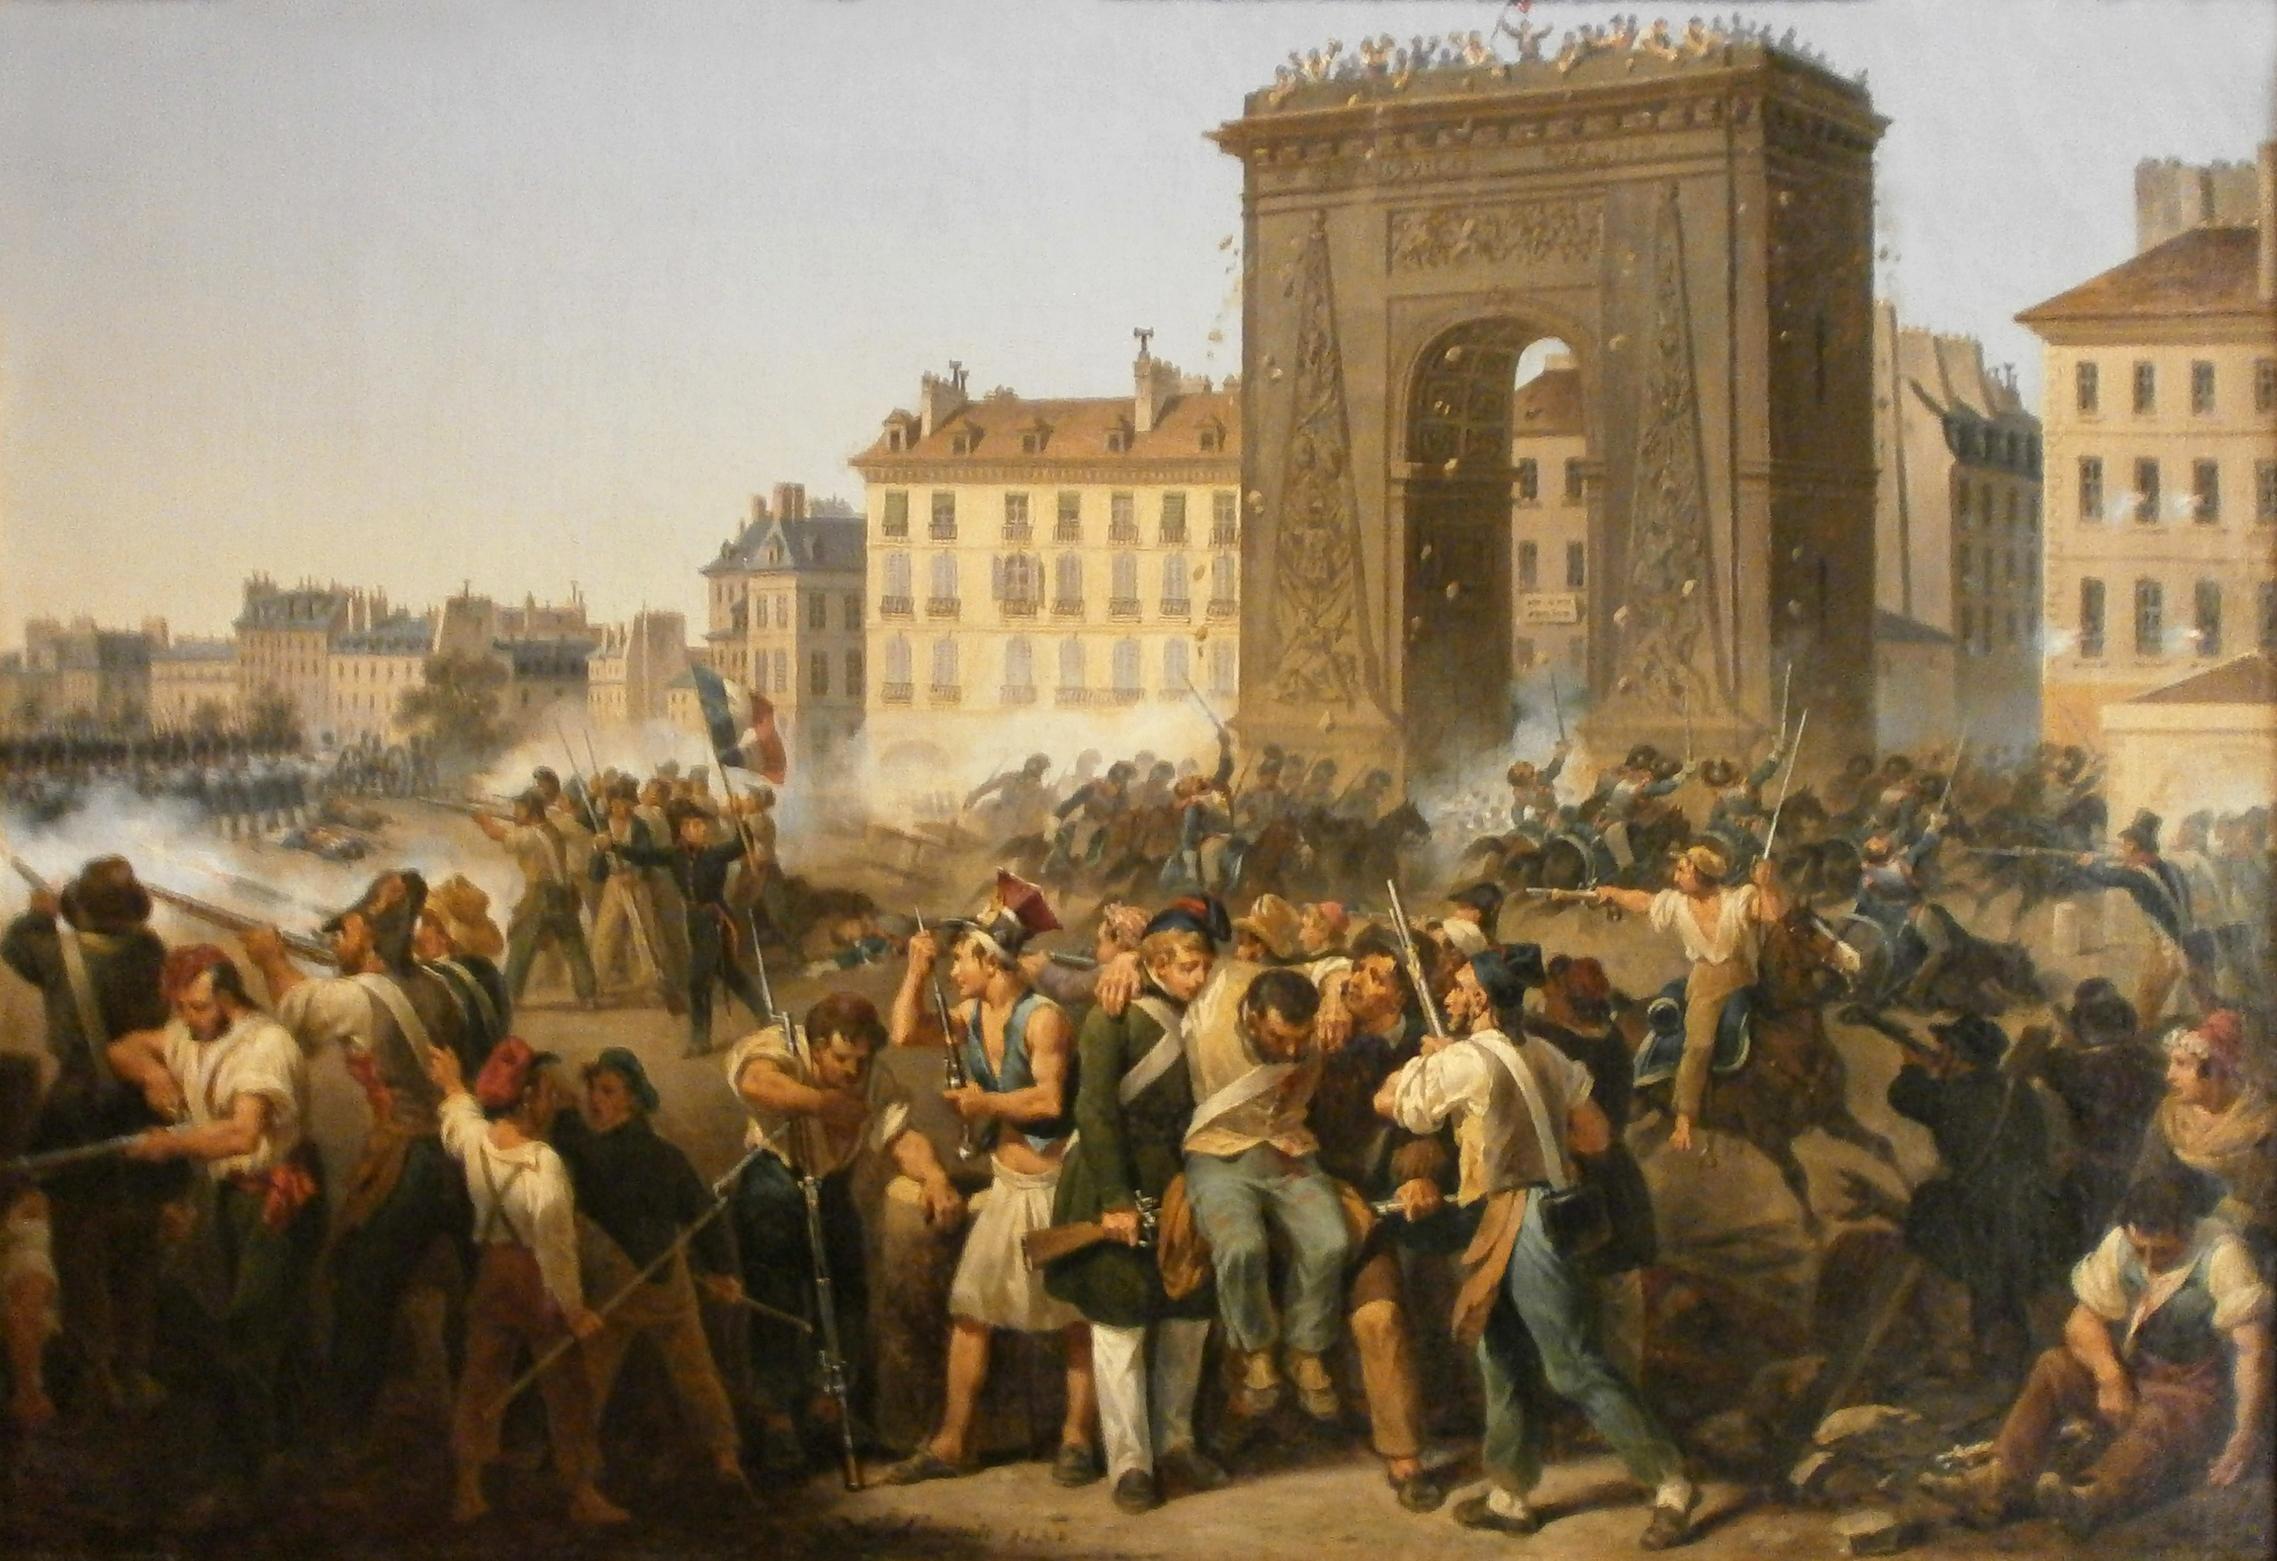 урок-презентация по великой французской революции